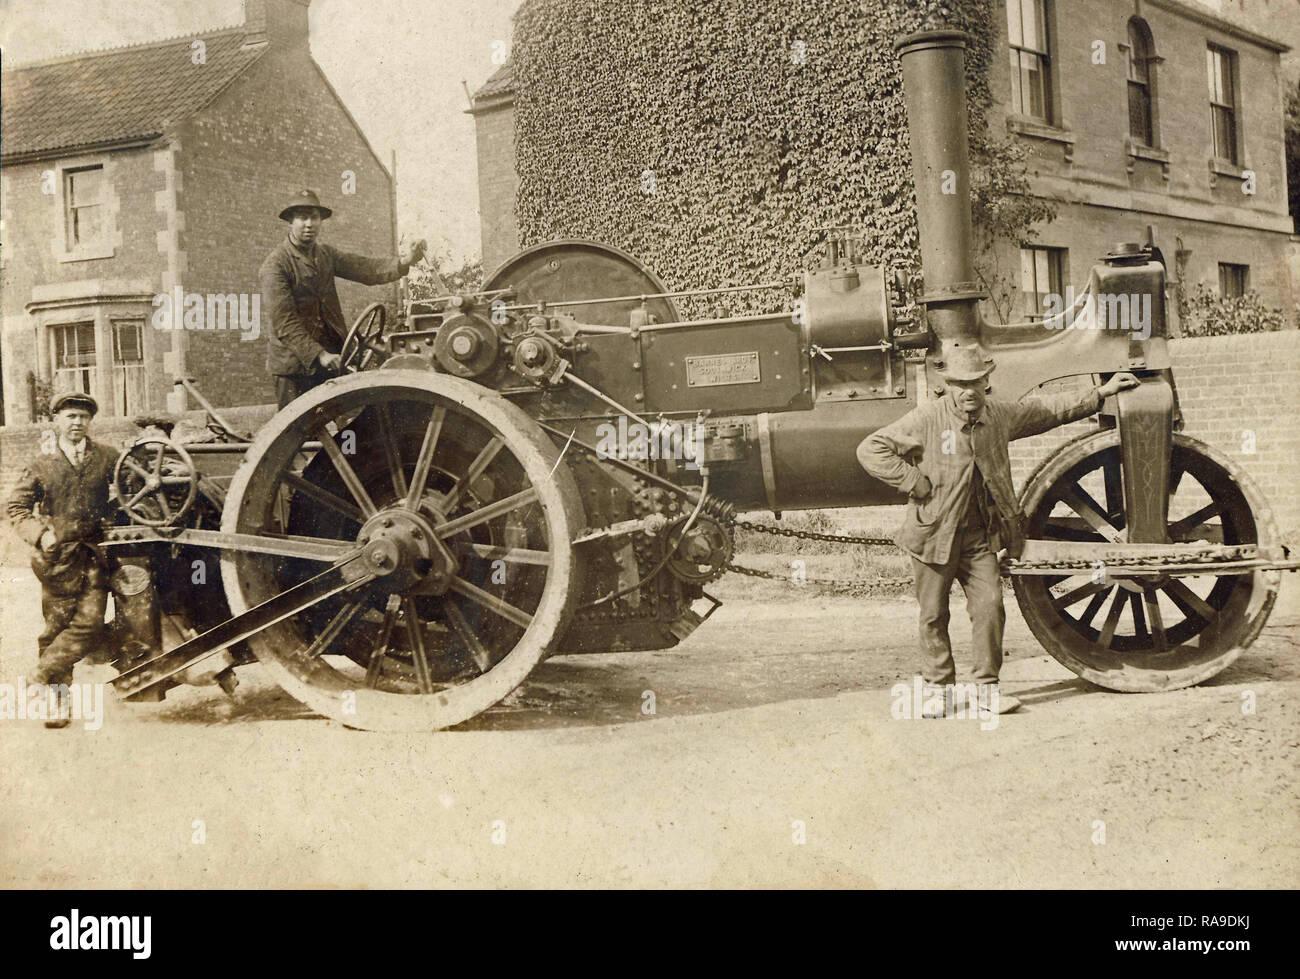 Imagen del archivo histórico de apisonadora con tripulación. Motor a vapor por Barnes Hermanos de Southwick, Wiltshire. c1910s Imagen De Stock